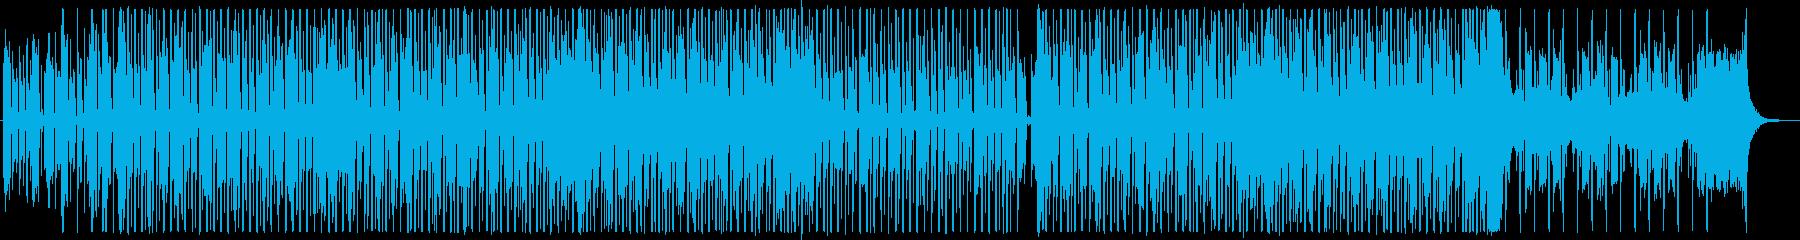 シンセパッドが印象的なクールディスコダブの再生済みの波形